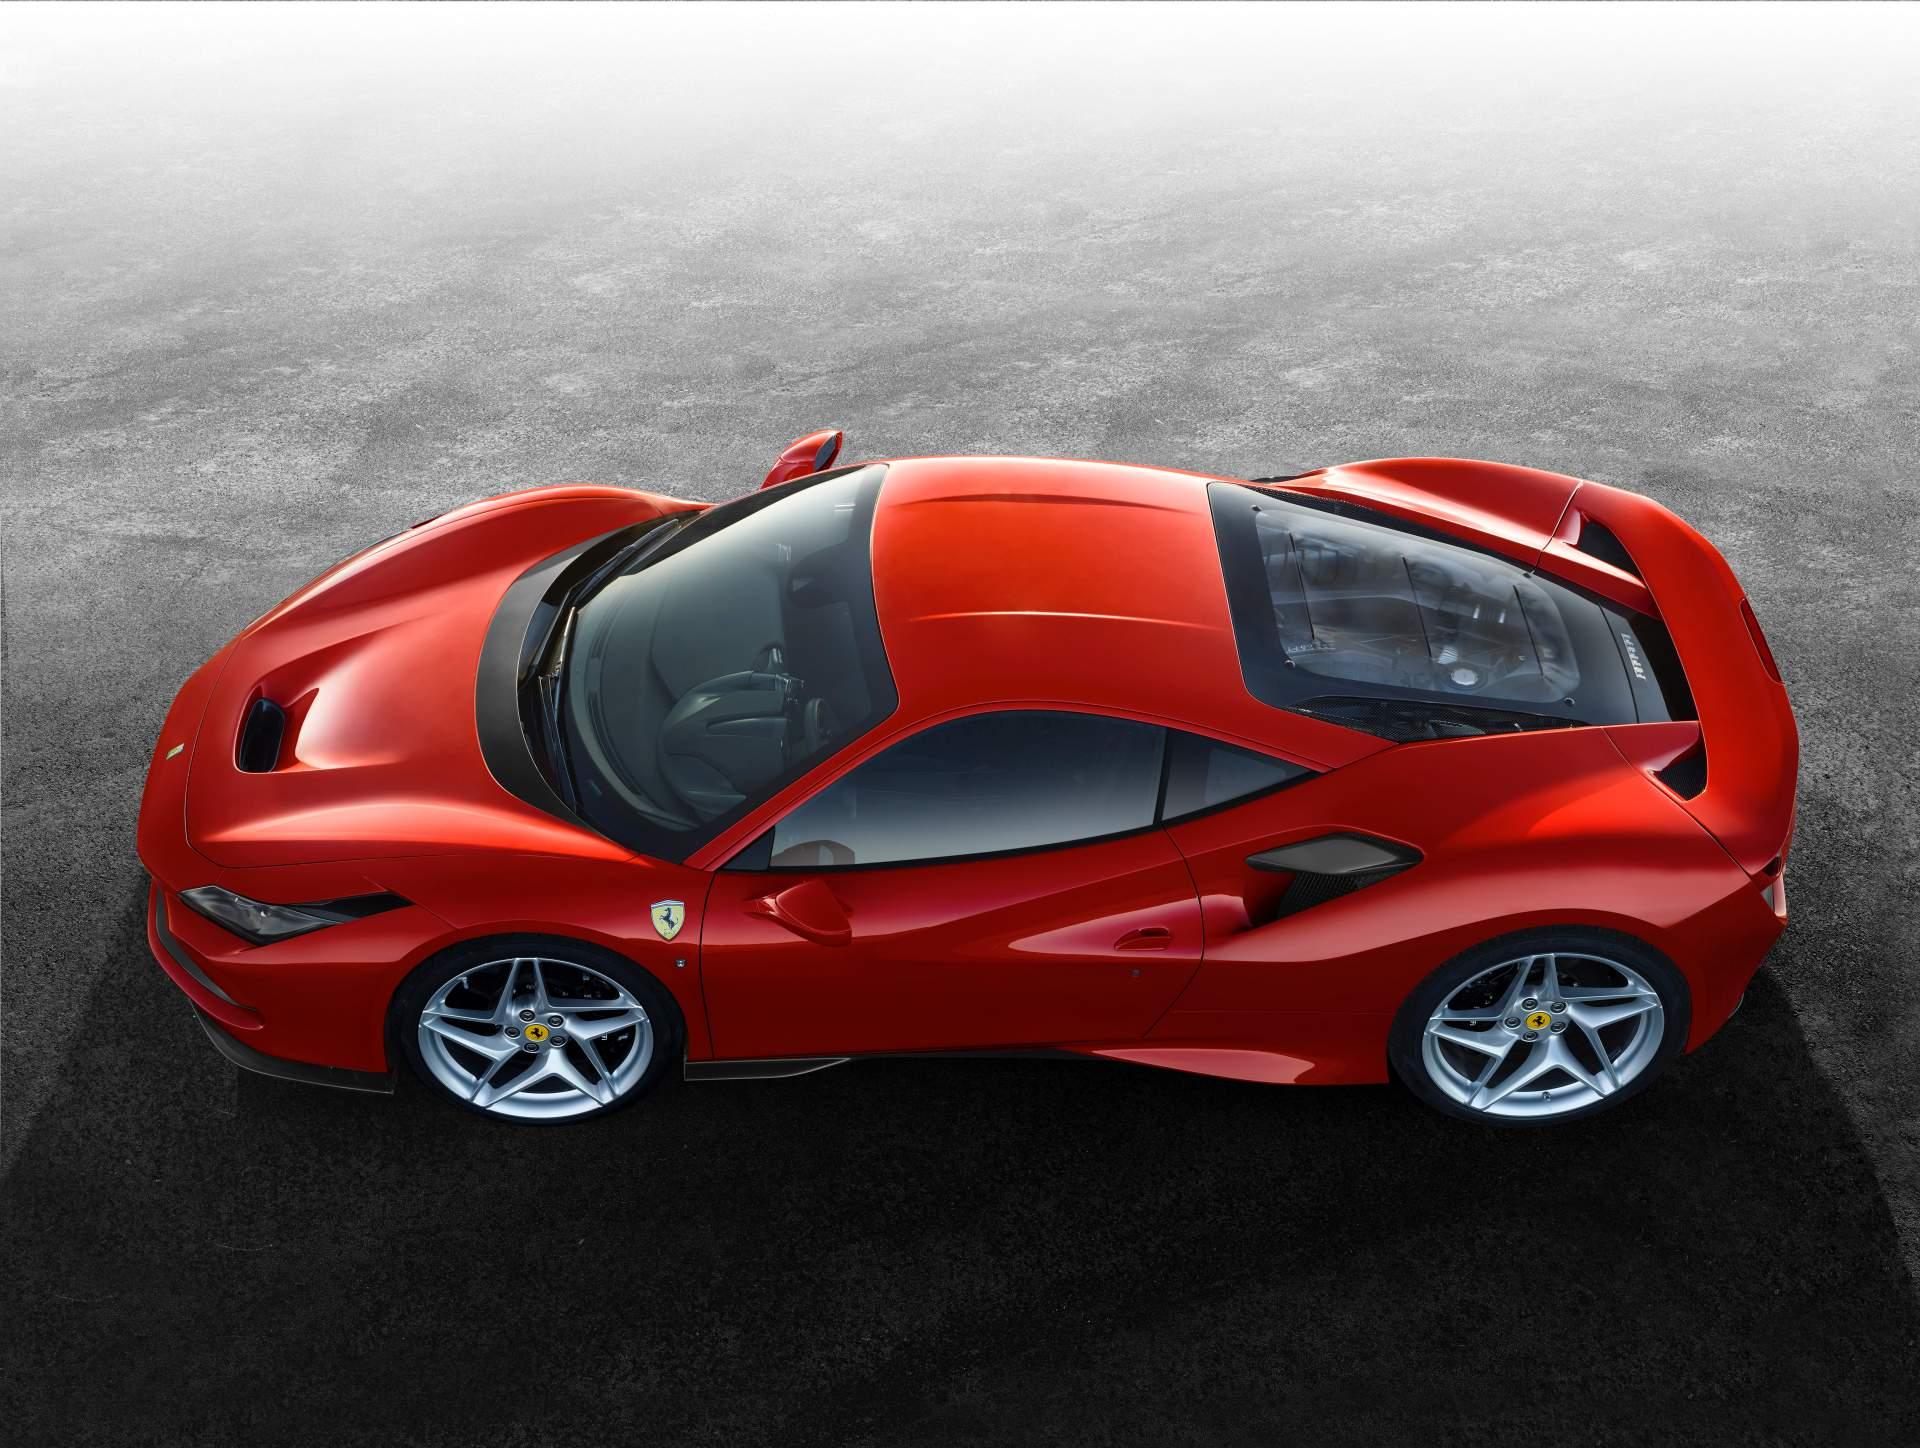 Новейший суперкар Ferrari полностью рассекречен